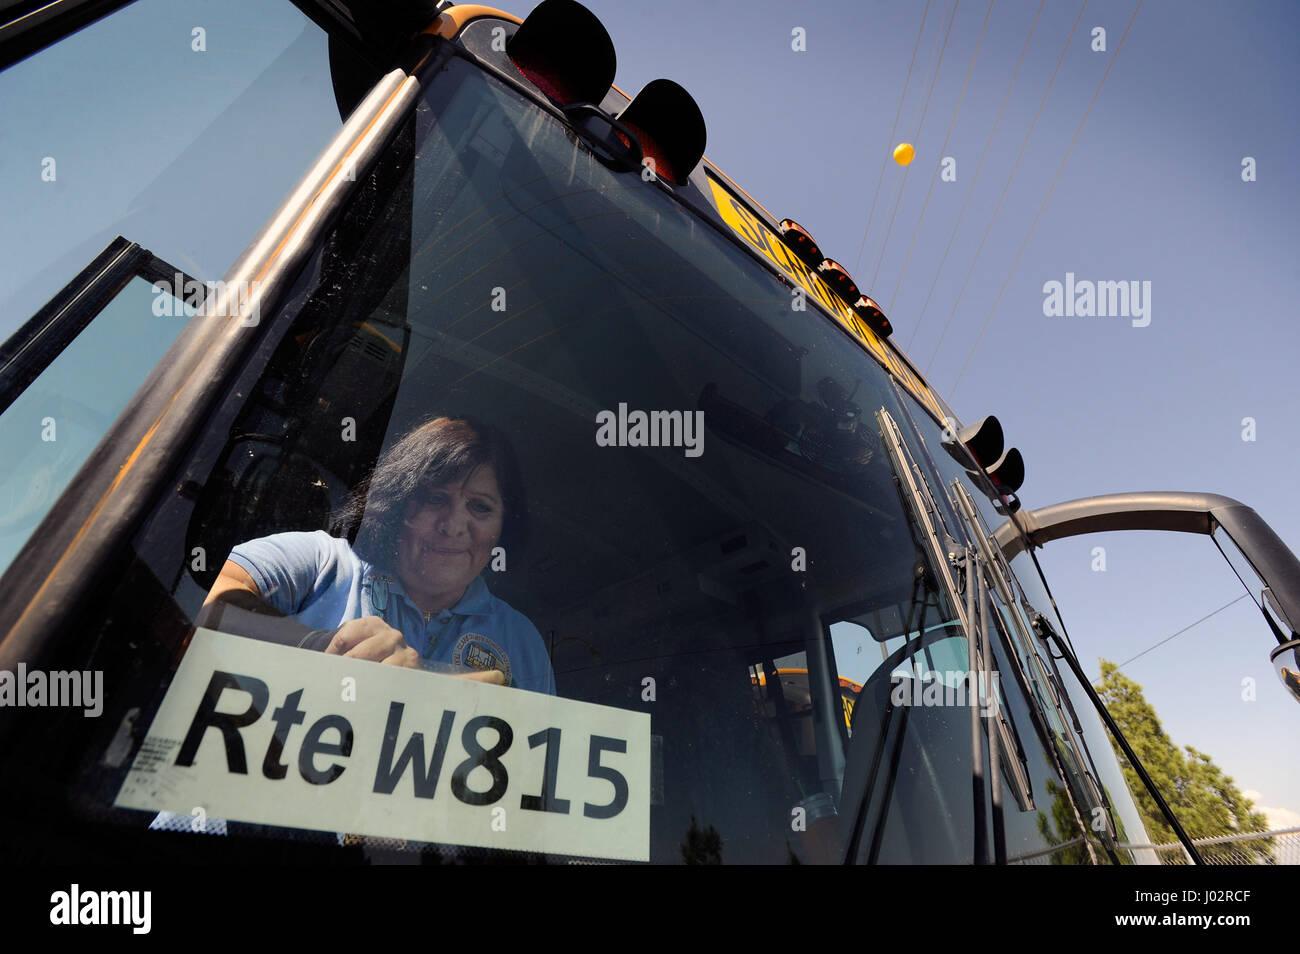 Las Vegas, Nevada, USA  24th Aug, 2012  School bus driver